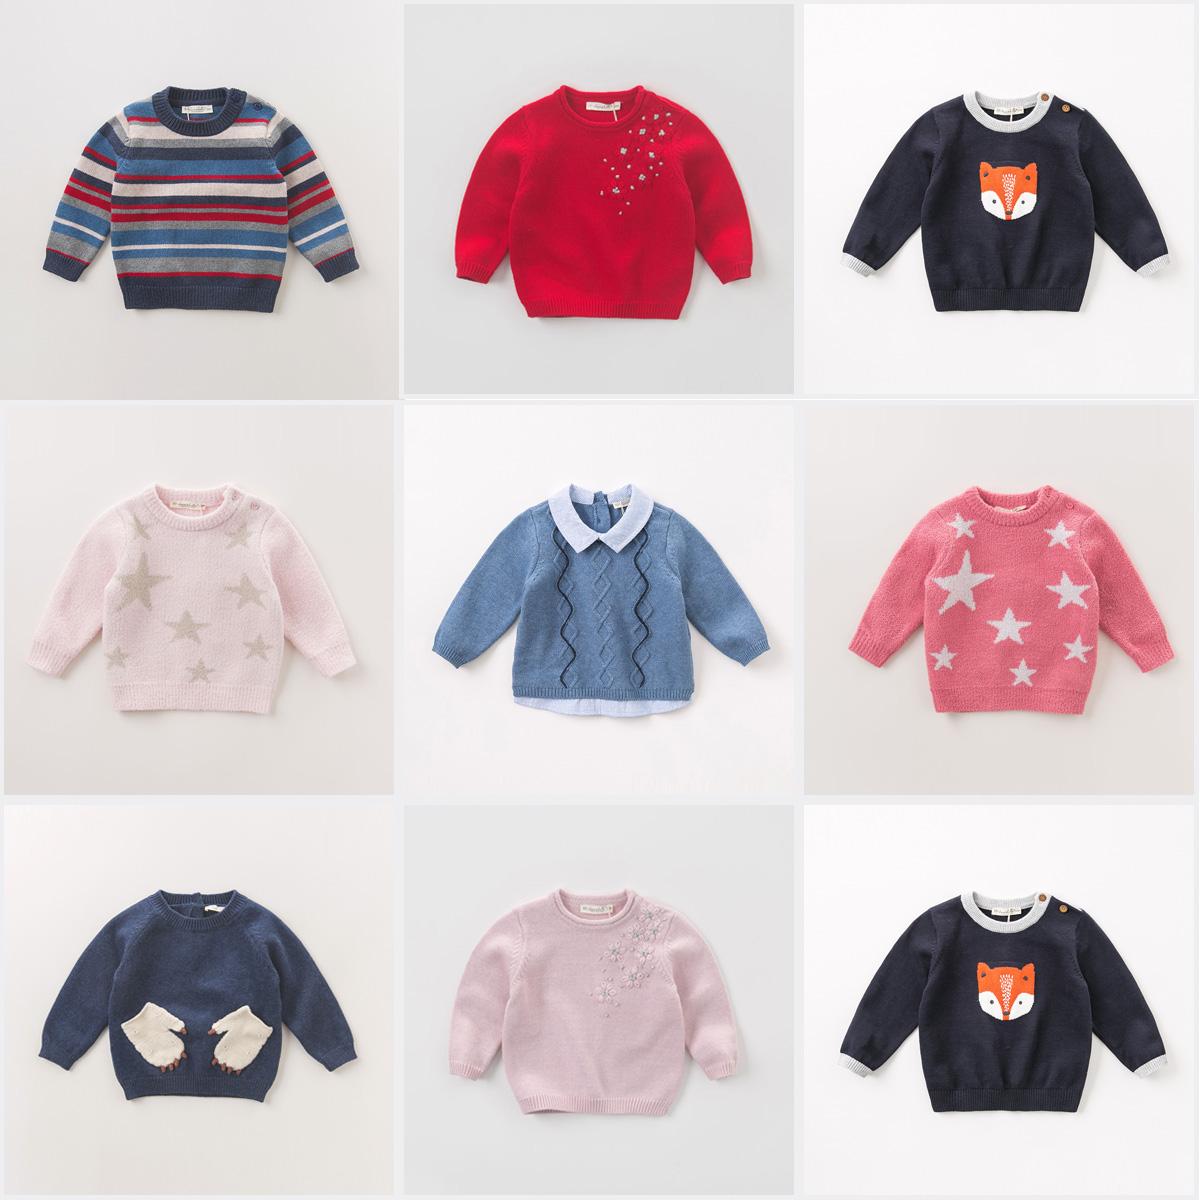 【反季清仓】davebella戴维贝拉春秋季男女童针织衫 宝宝针织毛衣